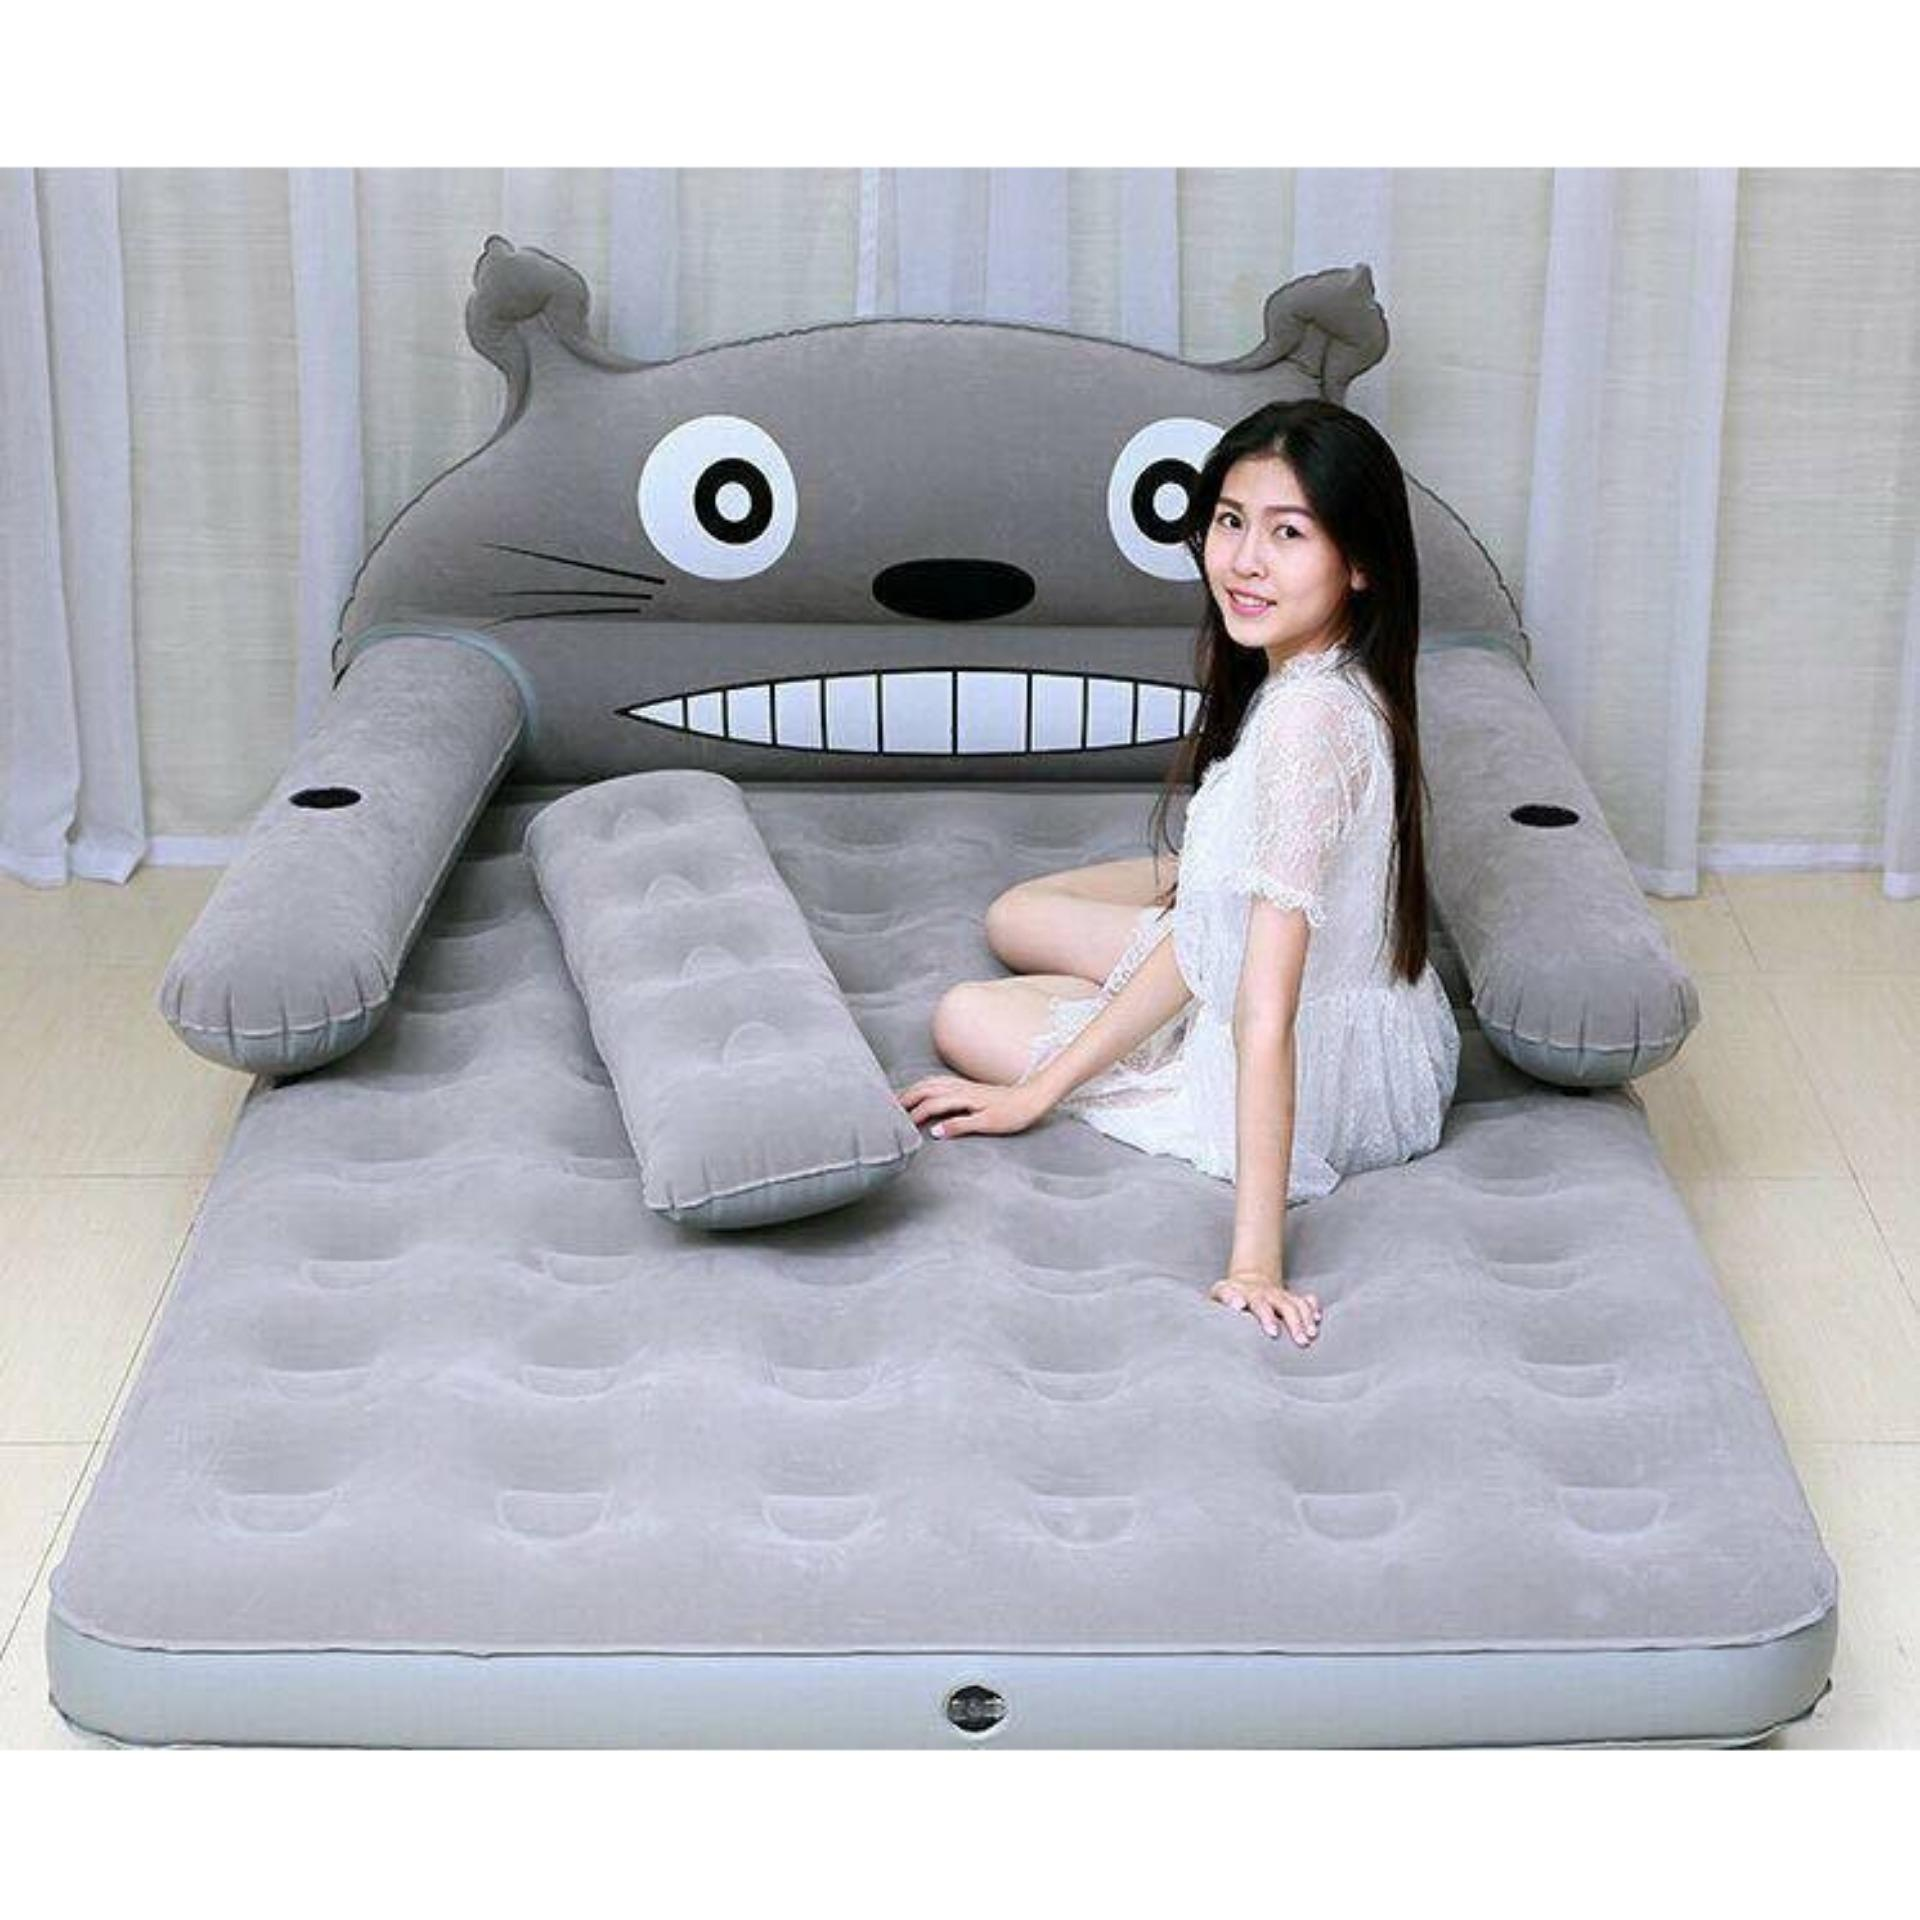 Kết quả hình ảnh cho giường hơi intex hình thú